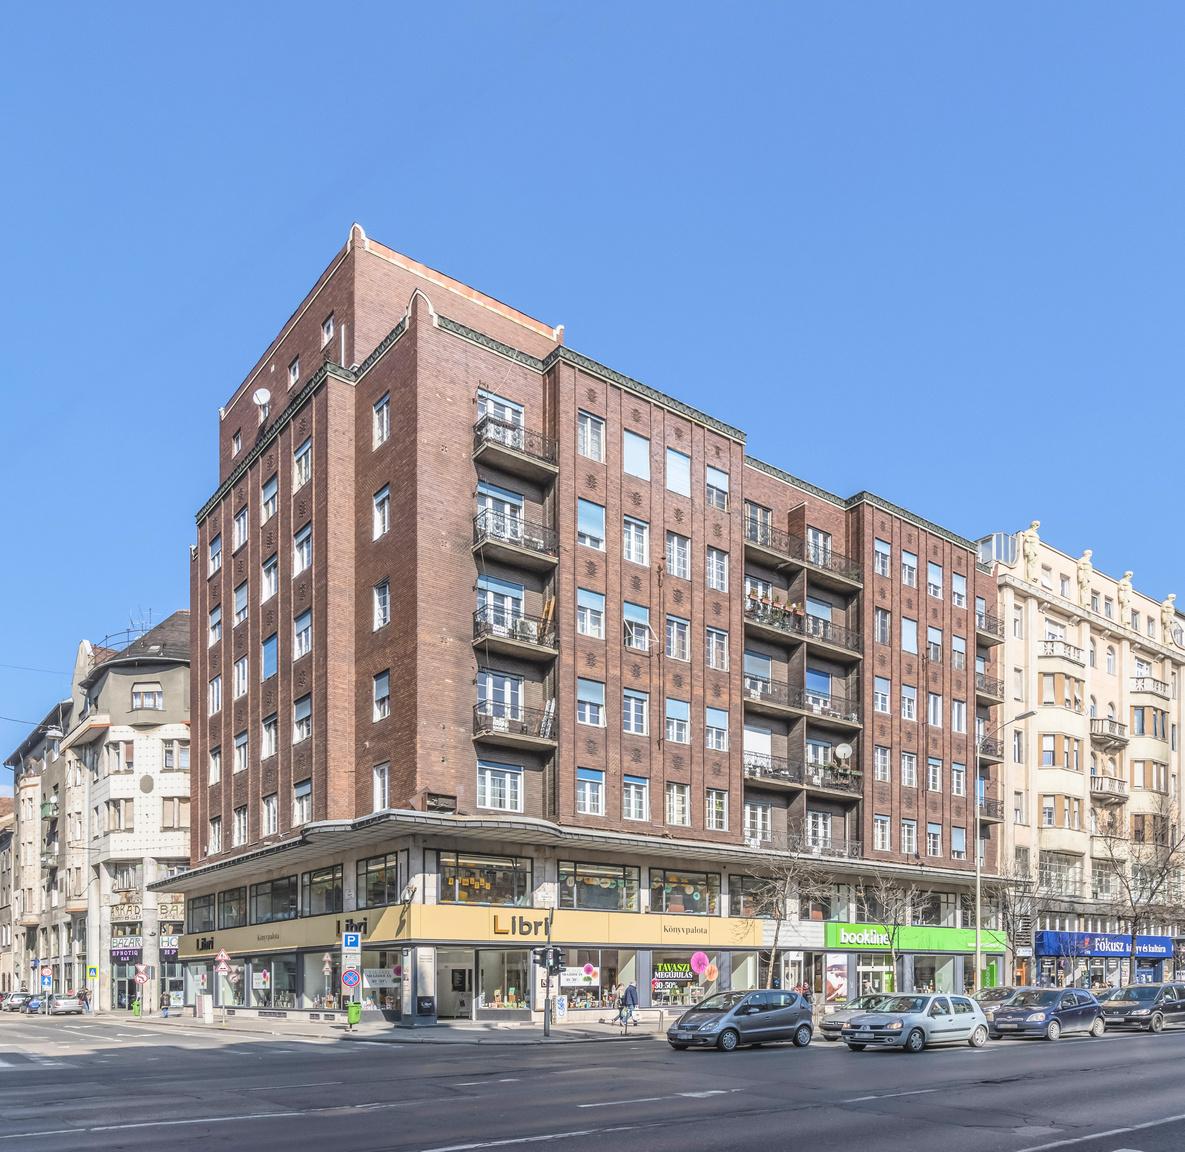 7. VII. ker., Rákóczi út 12., lakóház, Wälder Gyula, 1936–1937                         A telekre eredetileg Györgyi Dénes tervezett volna üzlet- és lakóházat, ám a geometrikusan stilizált, magyaros ornamentikával díszített épülettervet a városi hivatal nem engedélyezte. Wälder Gyula átvette a Györgyi-féle épület tömegét és homlokzattagolását, ám azt klinkertéglával burkolta, alkalmazkodva Lajta Béla két házzal odébb levő takarékpénztárához. Az üzletszintet és a lakószintet széles előtető választja el egymástól, a sarkokat akroterionok koronázzák, a lapostetőn lehetőség nyílt terasz kialakítására.